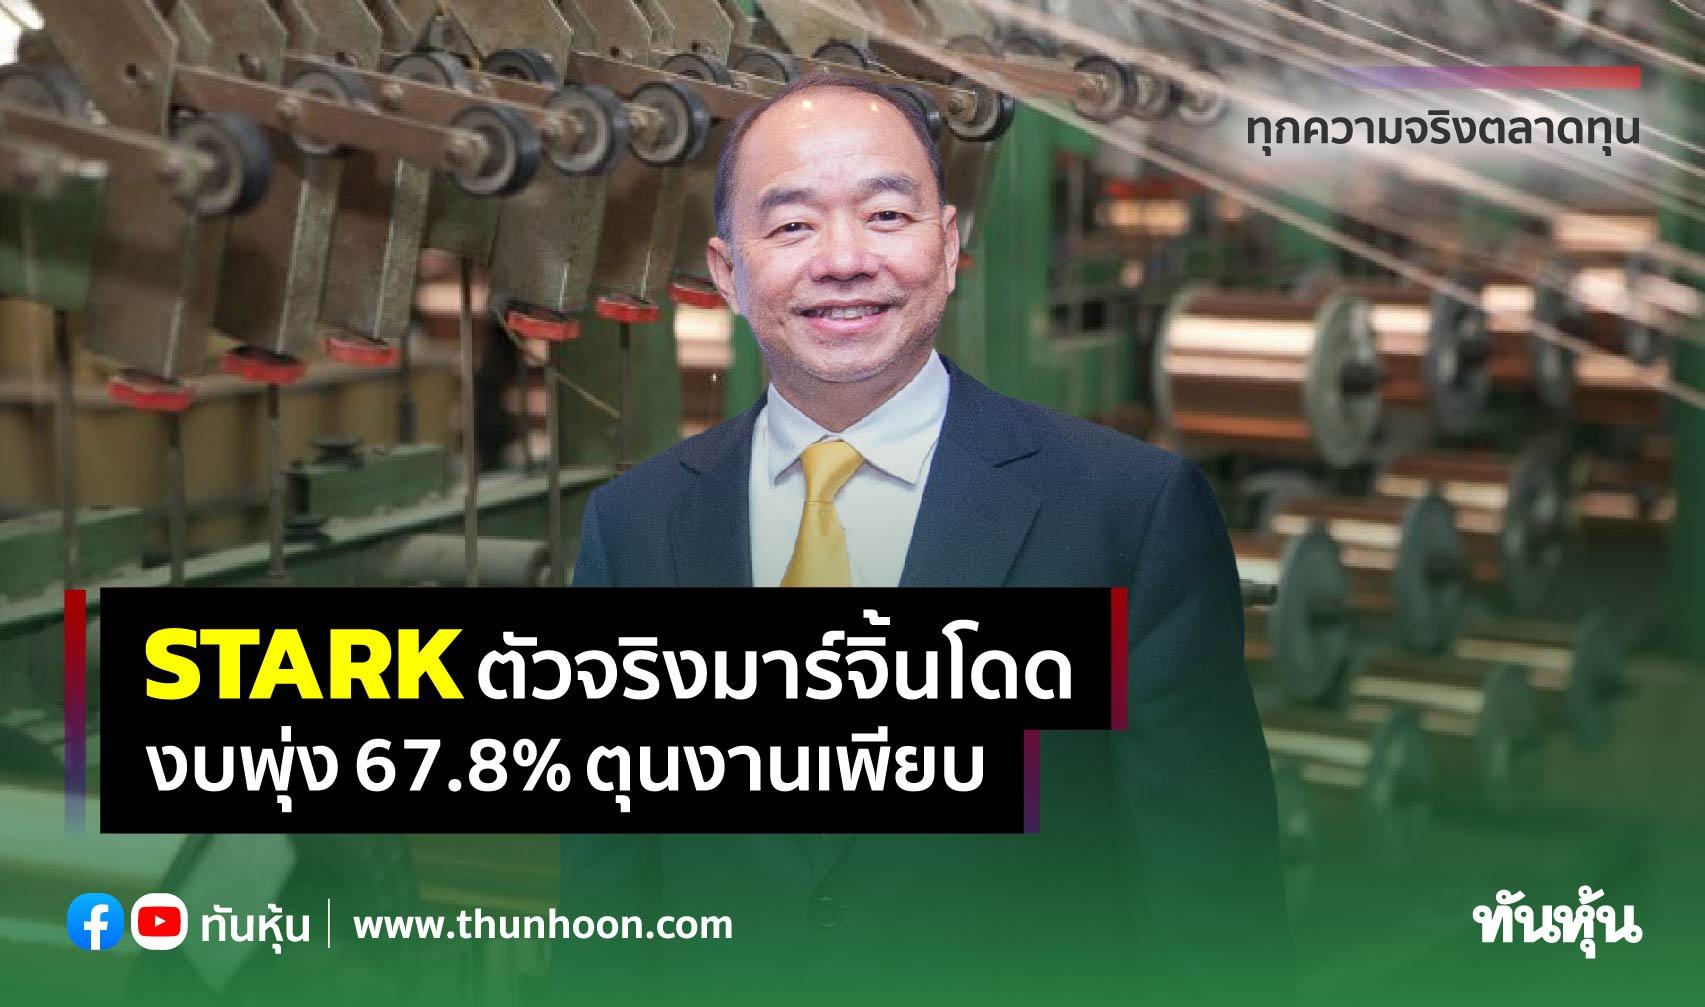 STARKตัวจริงมาร์จิ้นโดด งบพุ่ง67.8%ตุนงานเพียบ